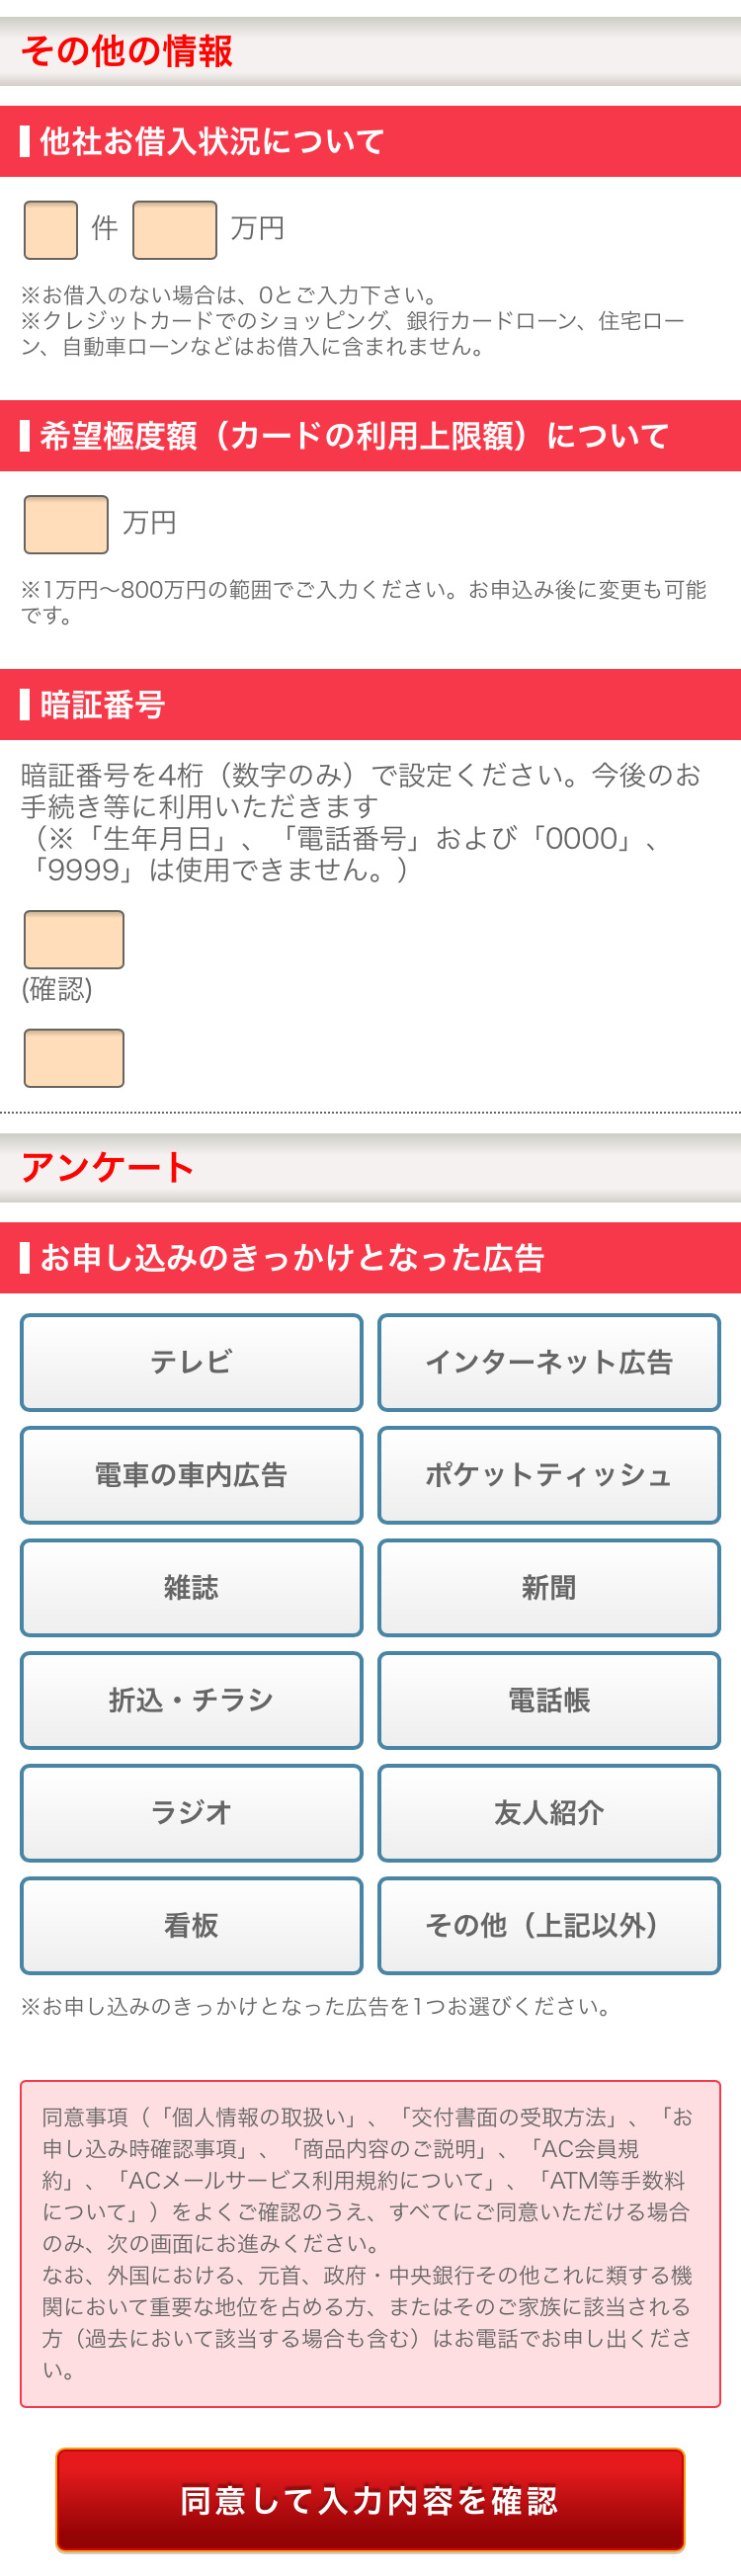 ACマスターカード申込み画面4